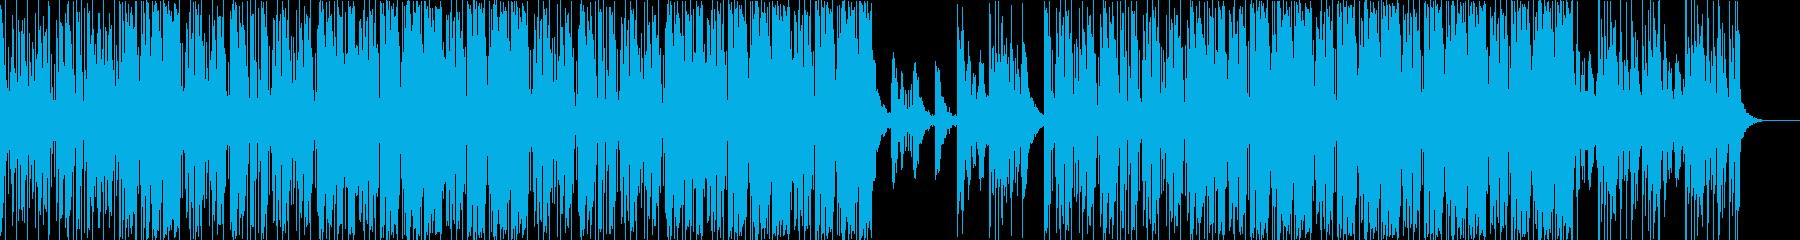 明るく楽しい爽やかボーカルchopEDMの再生済みの波形